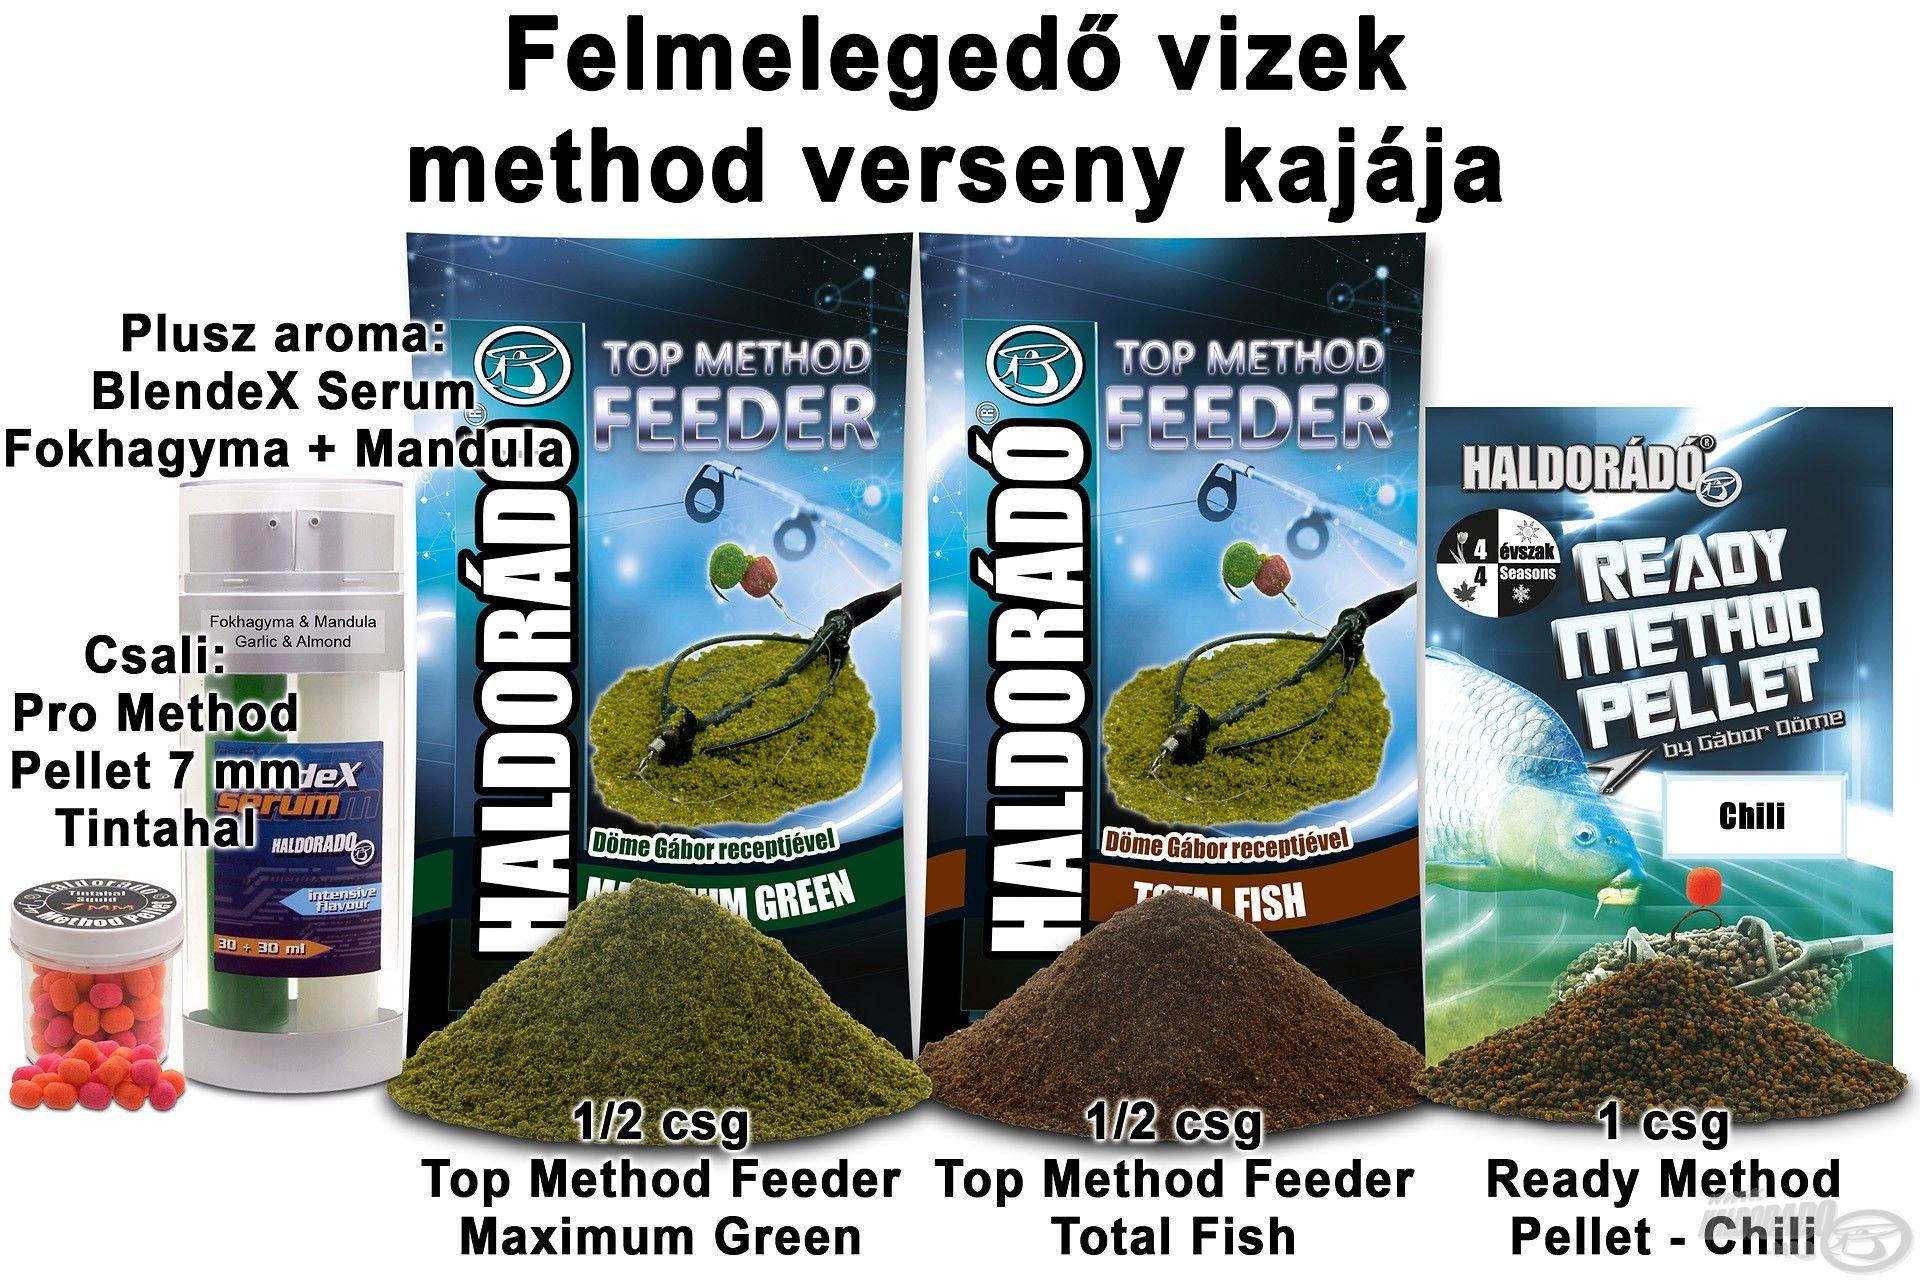 Felmelegedő vizek method verseny kajája